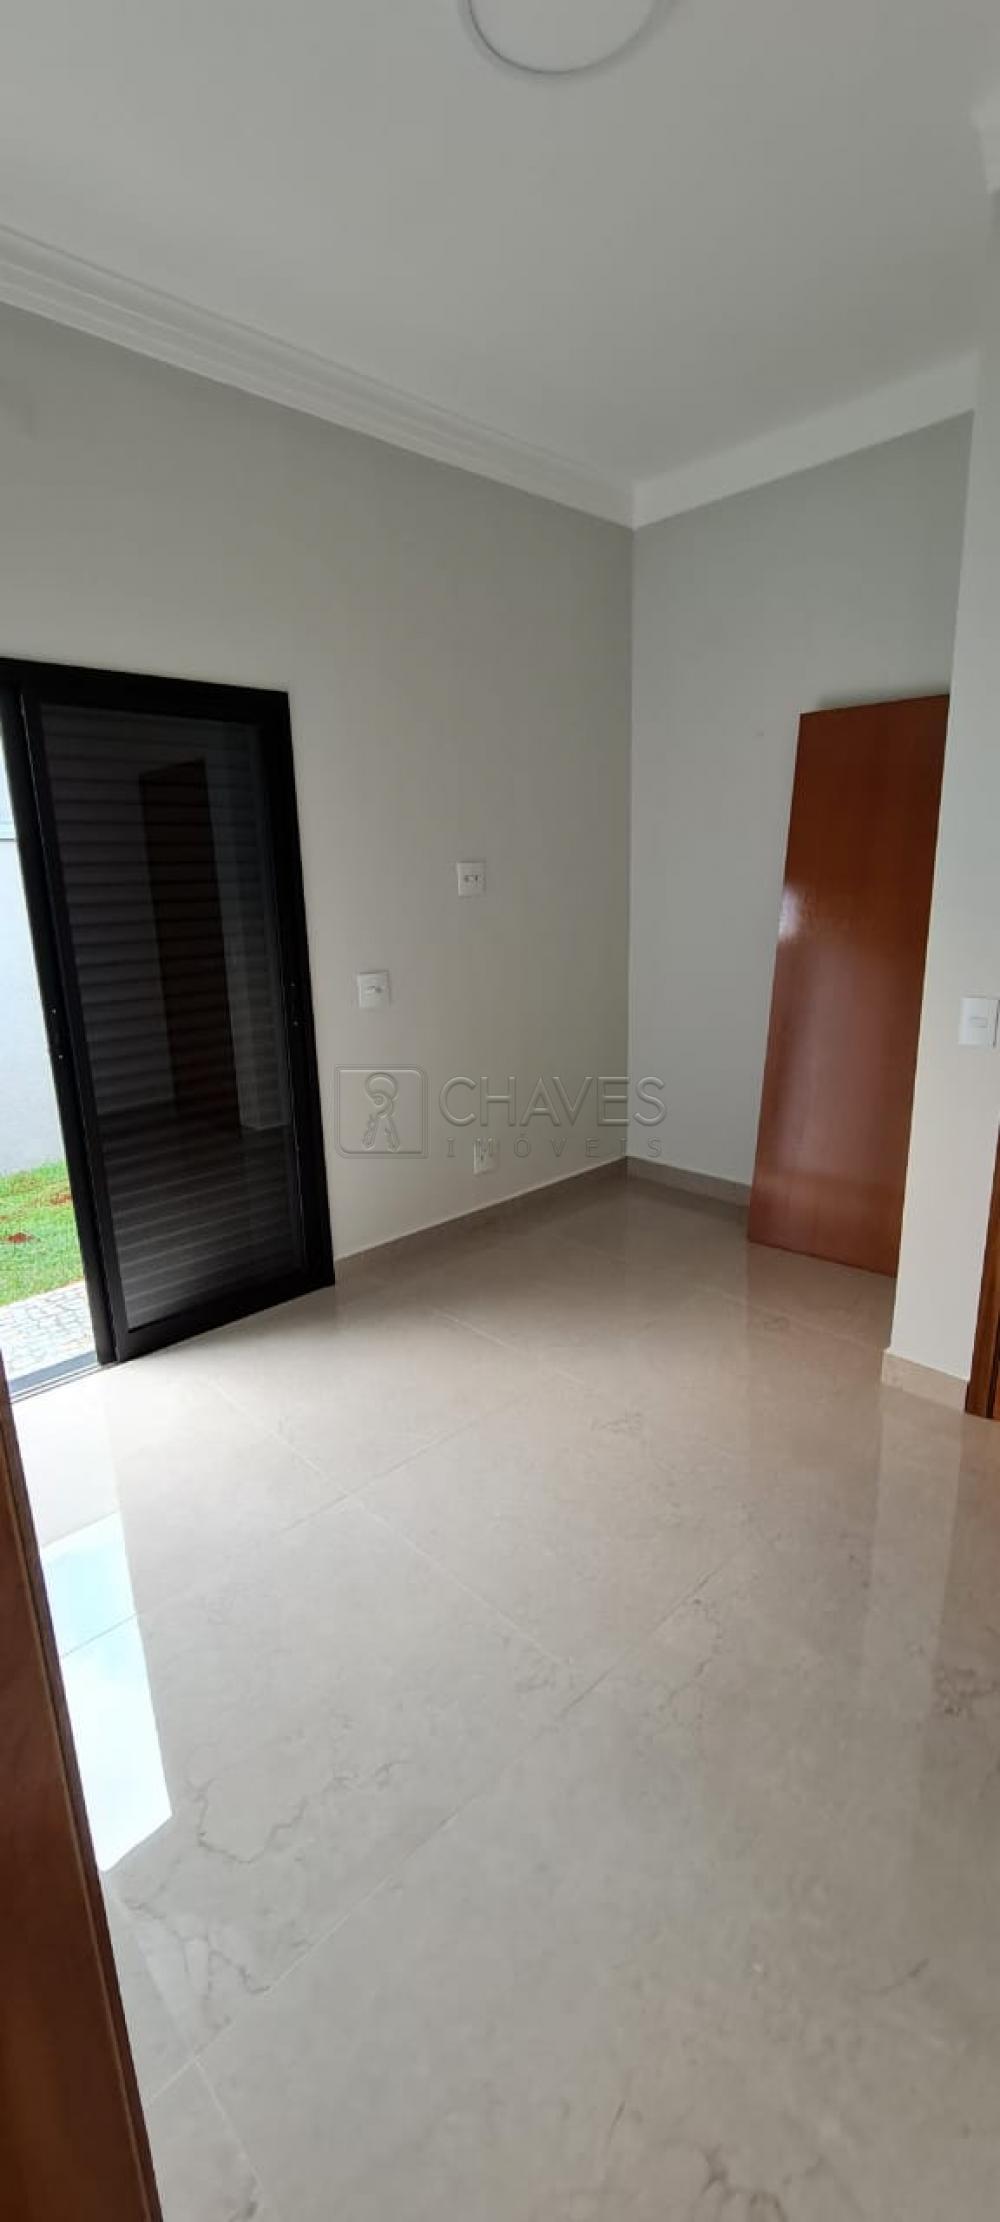 Comprar Casa / Condomínio em Ribeirão Preto apenas R$ 1.050.000,00 - Foto 15